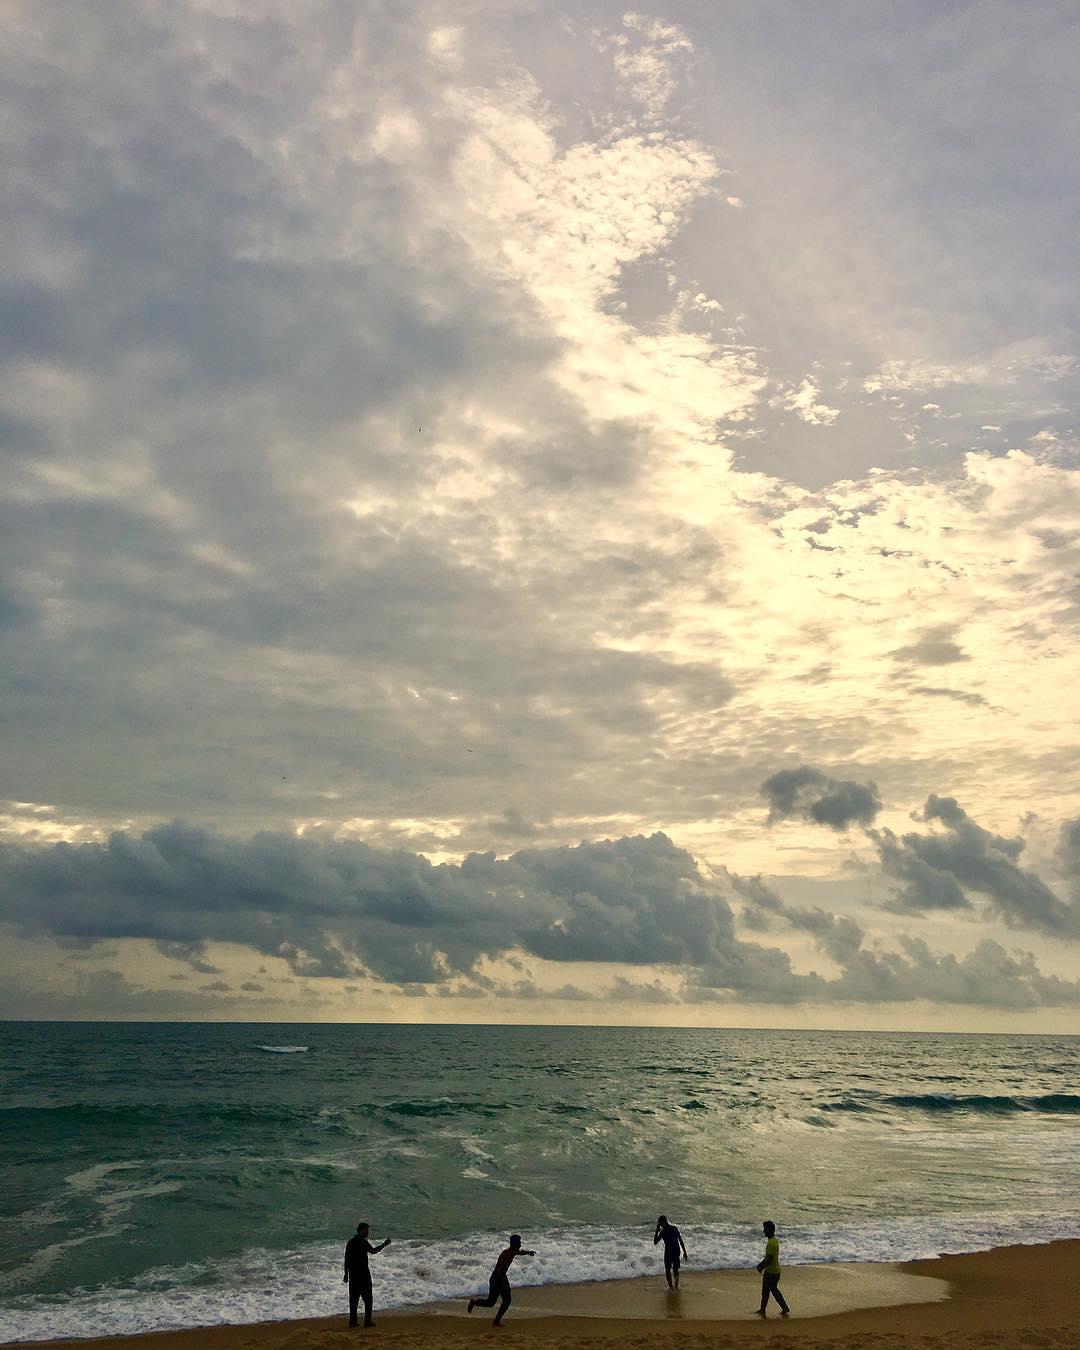 Marwanthe Beach